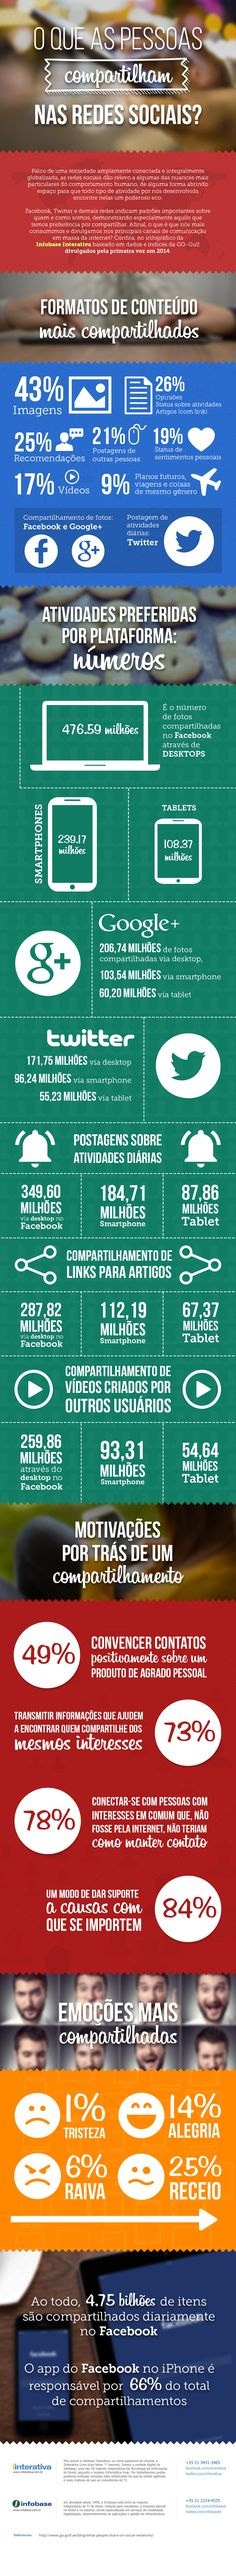 Infográfico | O que as pessoas compartilham nas redes sociais?